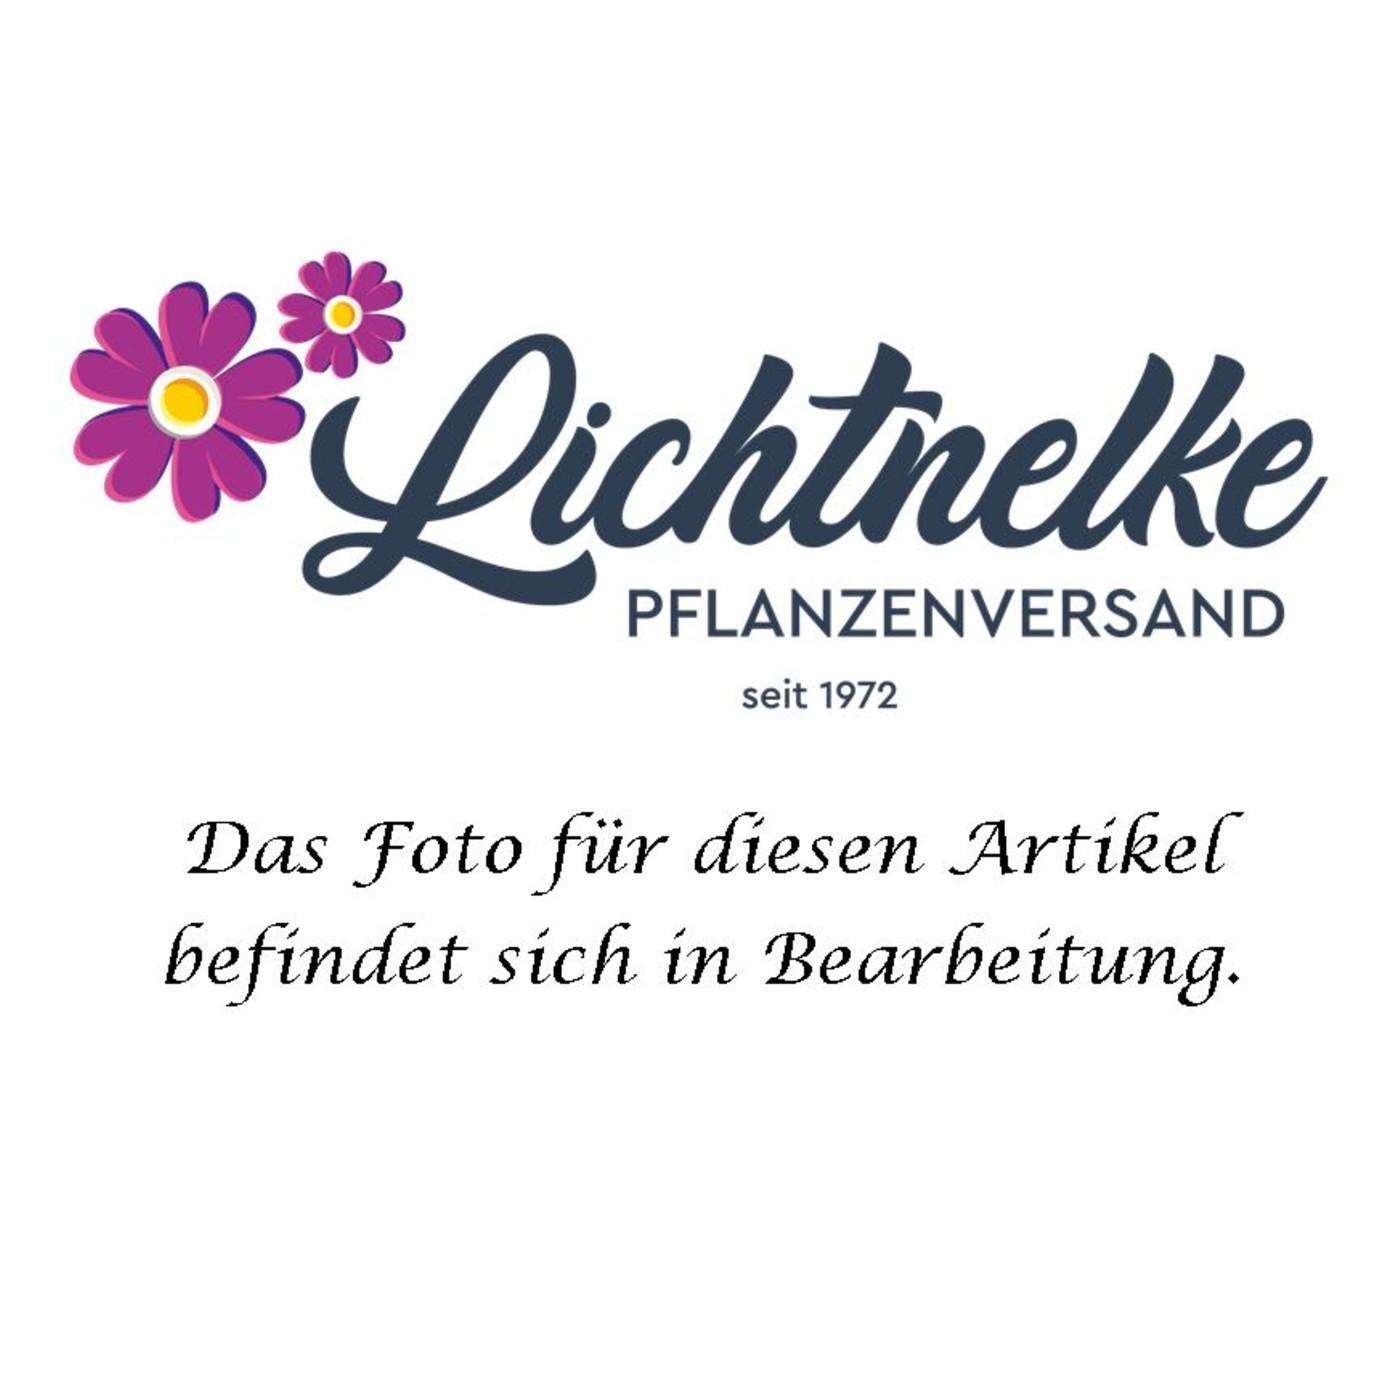 Duftende Polsternelke (Dianthus gratianopolitanus) ASNELLIKEN-lichtnelke.de